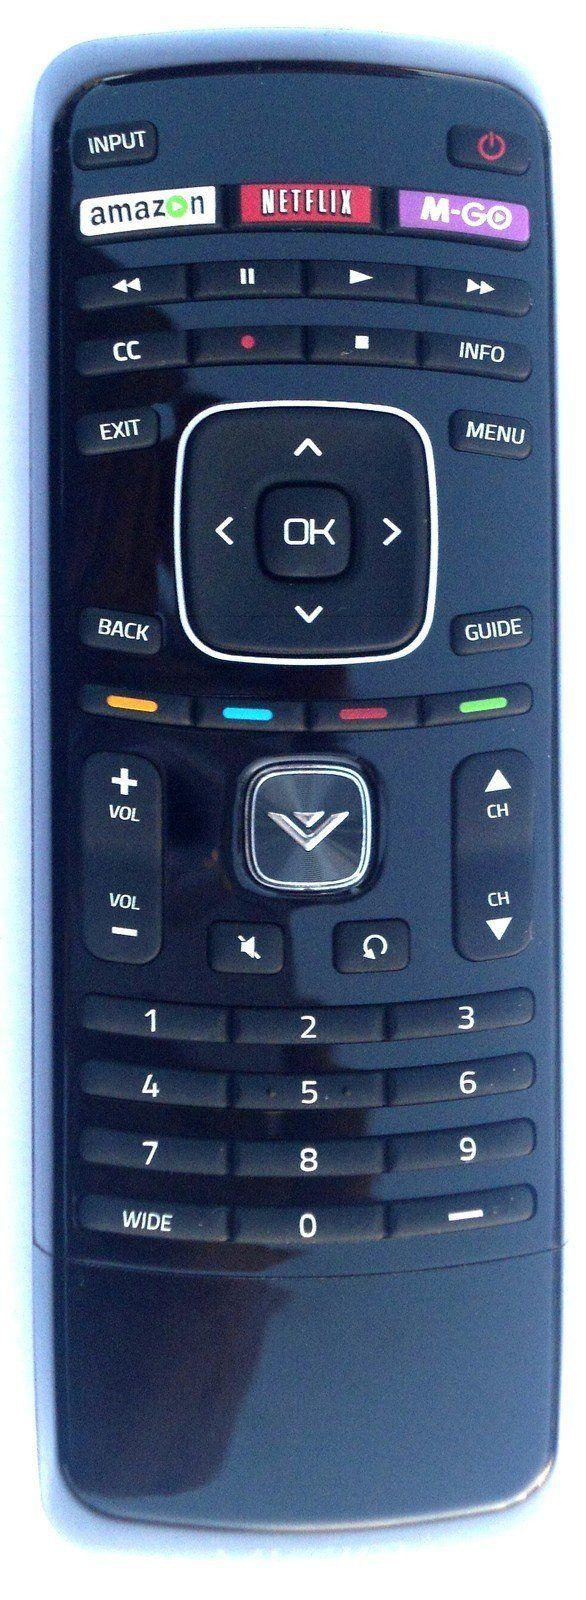 NEW Universal Remote XRV4TV for almost all Vizio brand LCD